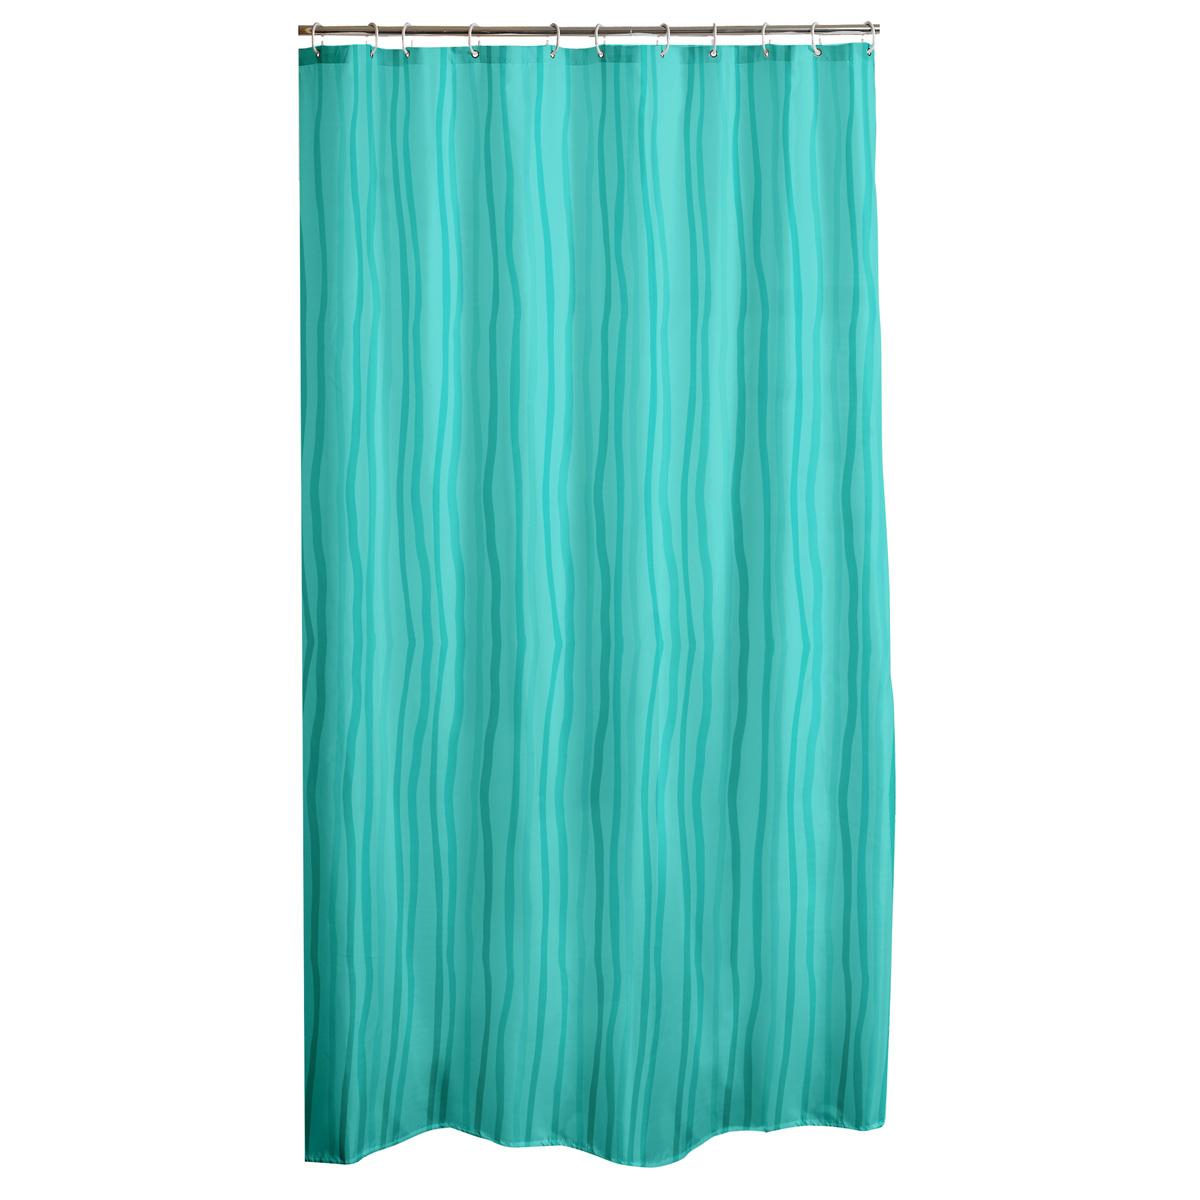 Κουρτίνα Μπάνιου Πλαστική (180×200) L-C Waves Vert Menthe 6RD191VM